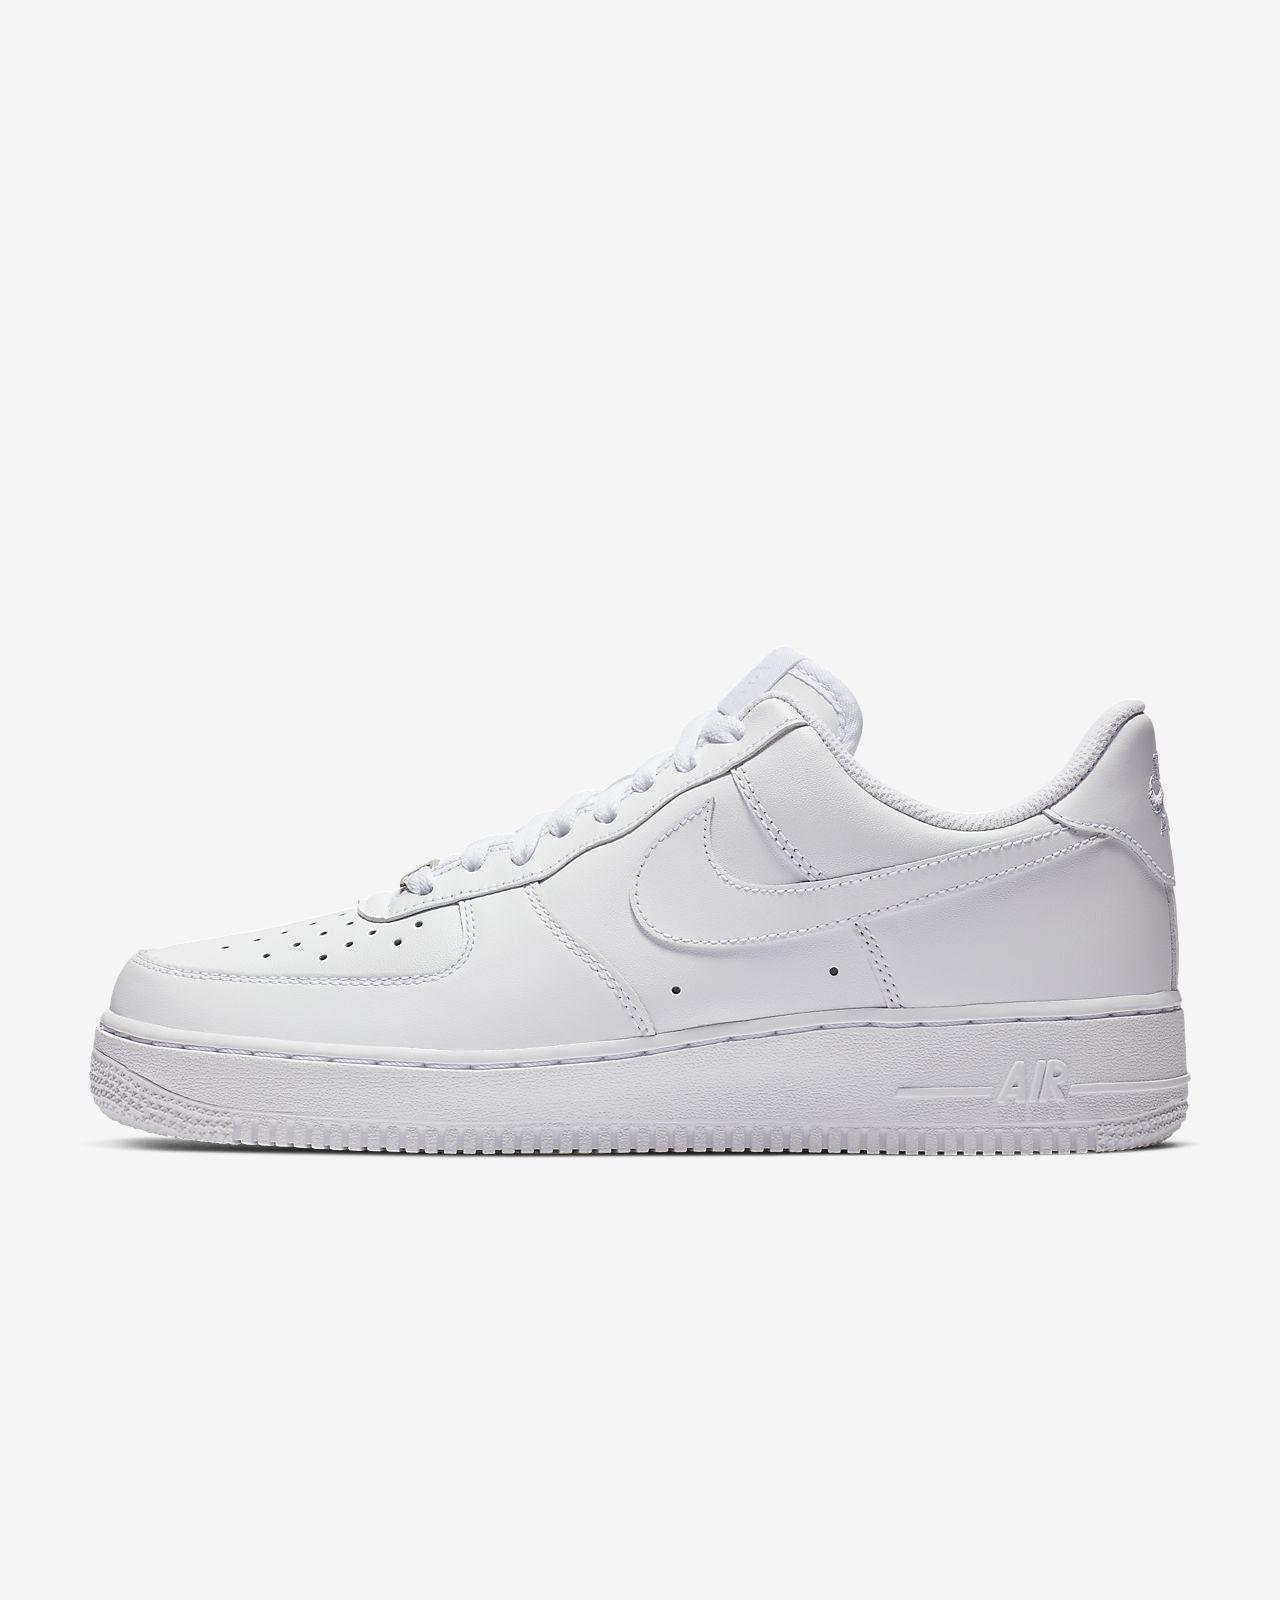 Nike Air Force 1 '07 Triple White Damenschuh